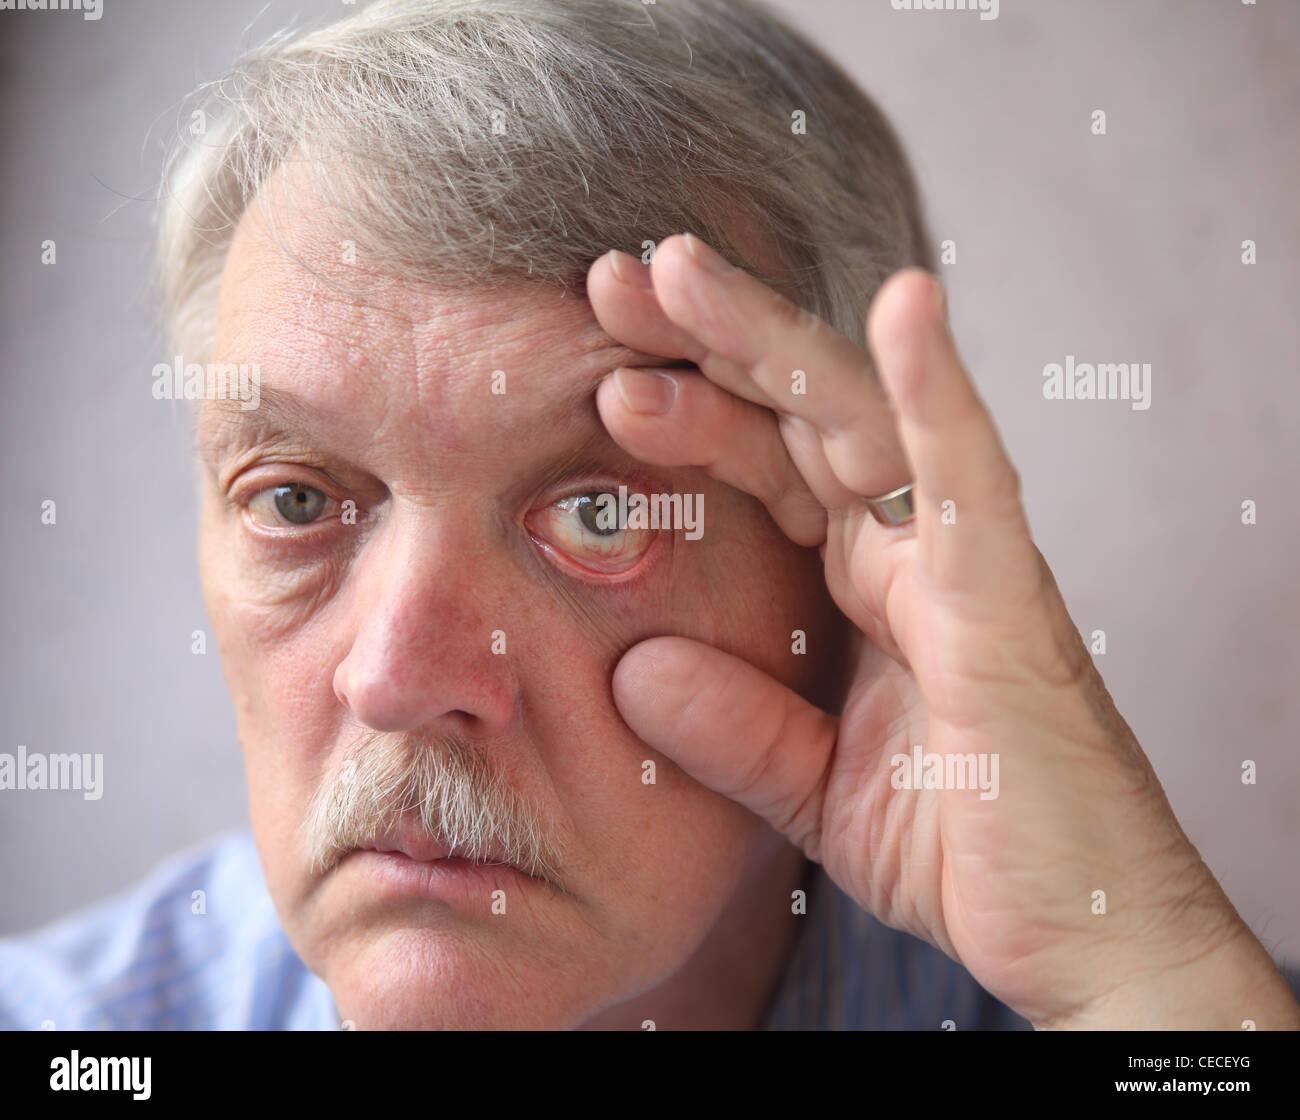 Bloodshot Eyes And Man Stock Photos Bloodshot Eyes And Man Stock